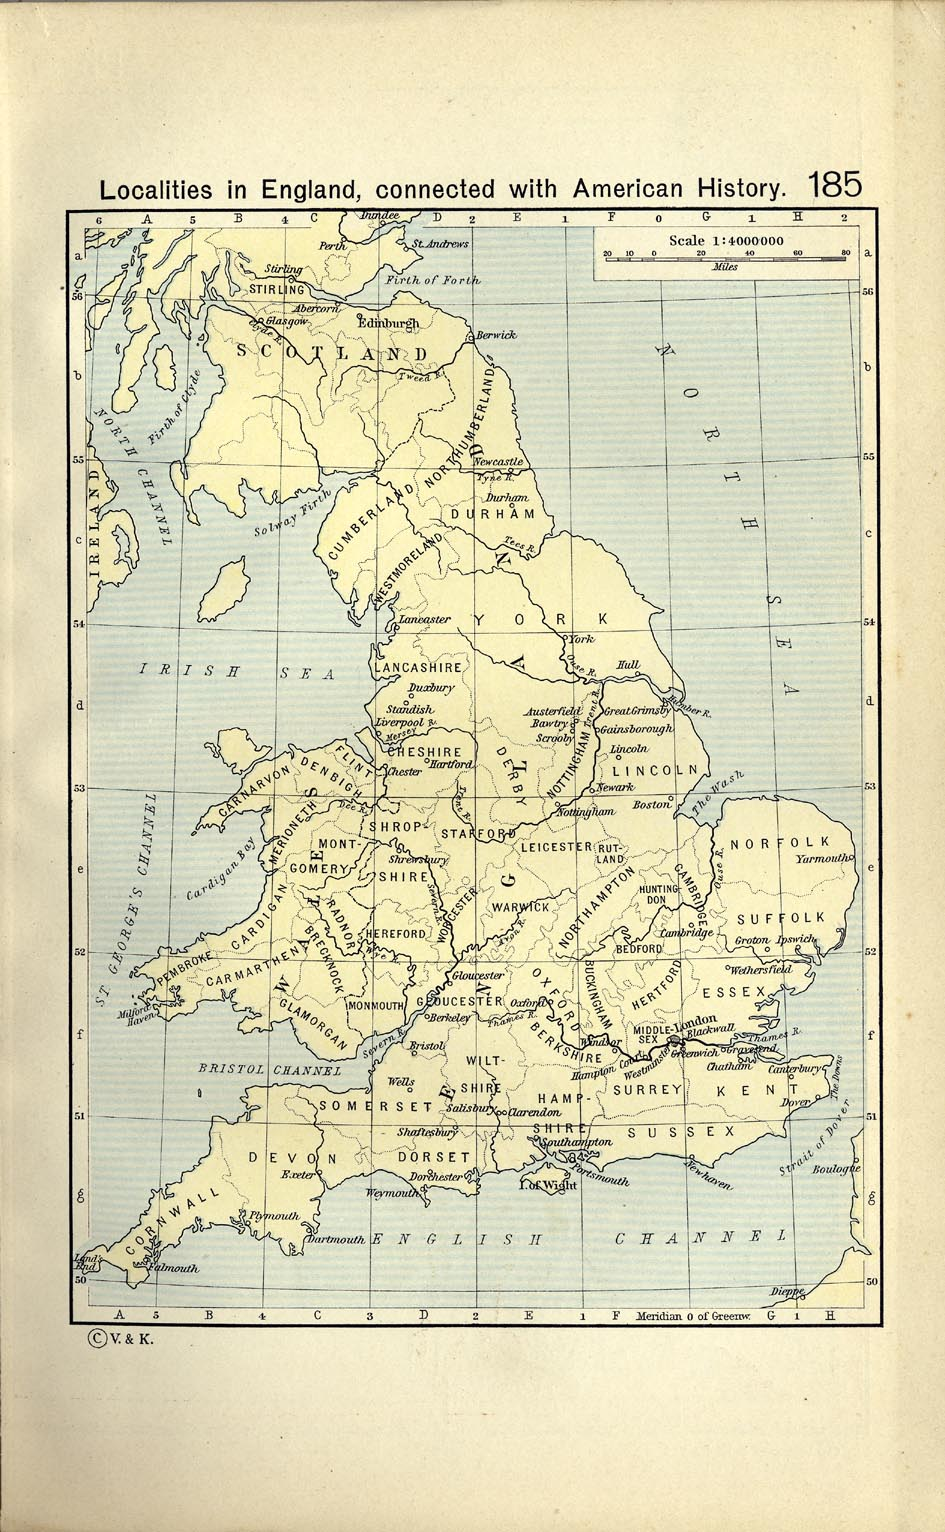 Mapa de Localidades en Ingleterra Conectadas con la Historia Americana 1911